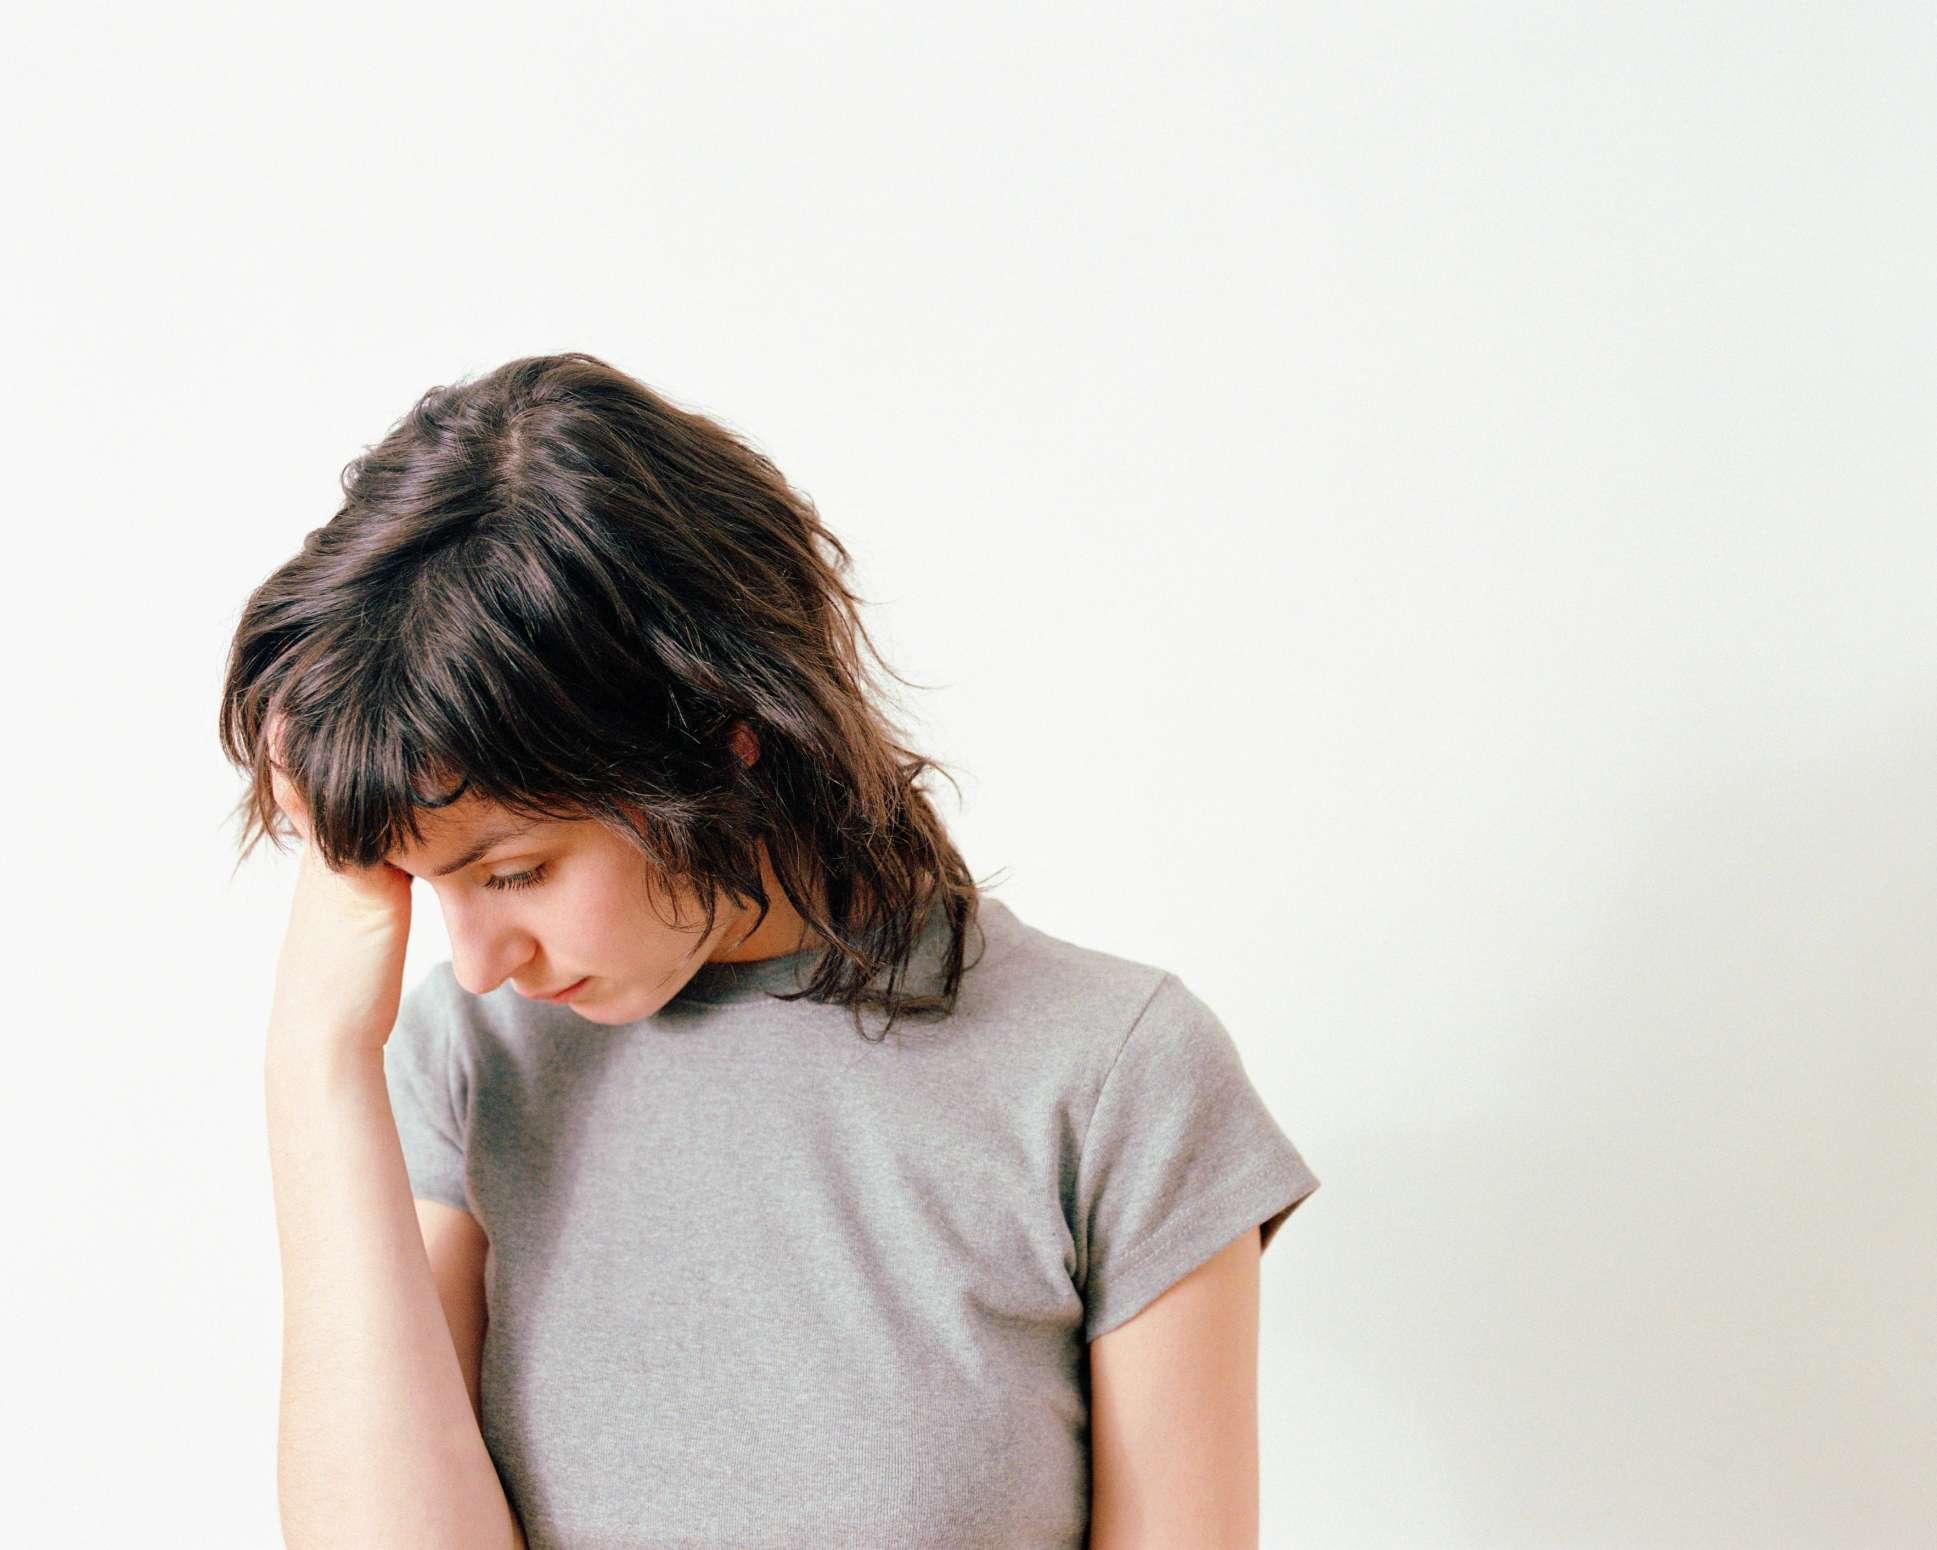 Vidente ensina a lidar com culpa e autocrítica no dia a dia